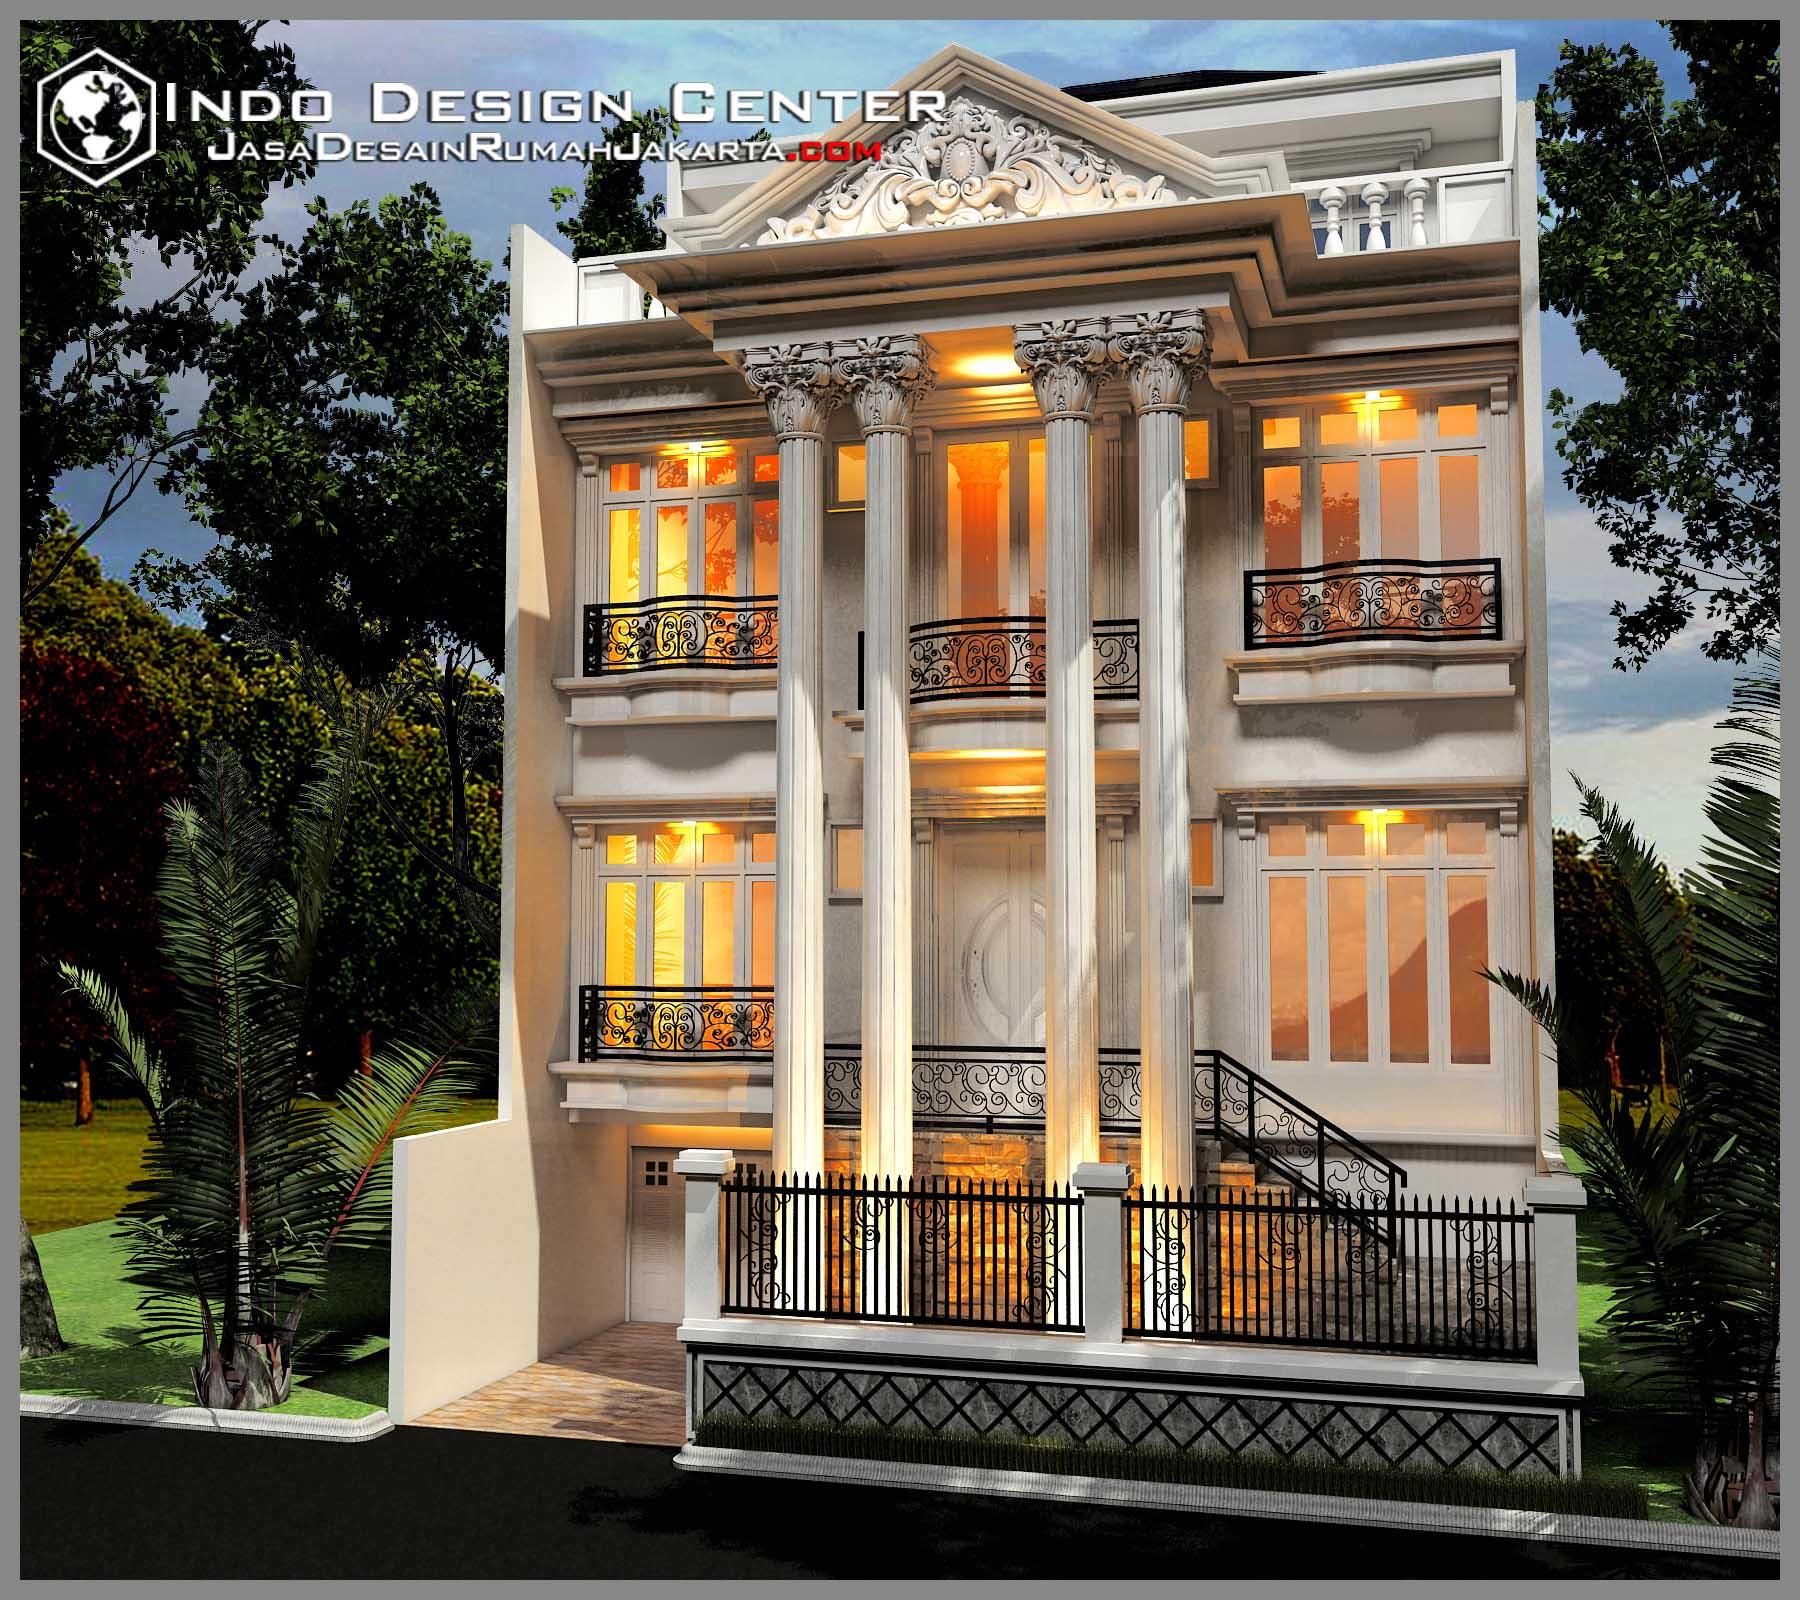 Jasa Desain Rumah: Gambar Rumah Mewah Mediterania, Jasa Desain Rumah Jakarta